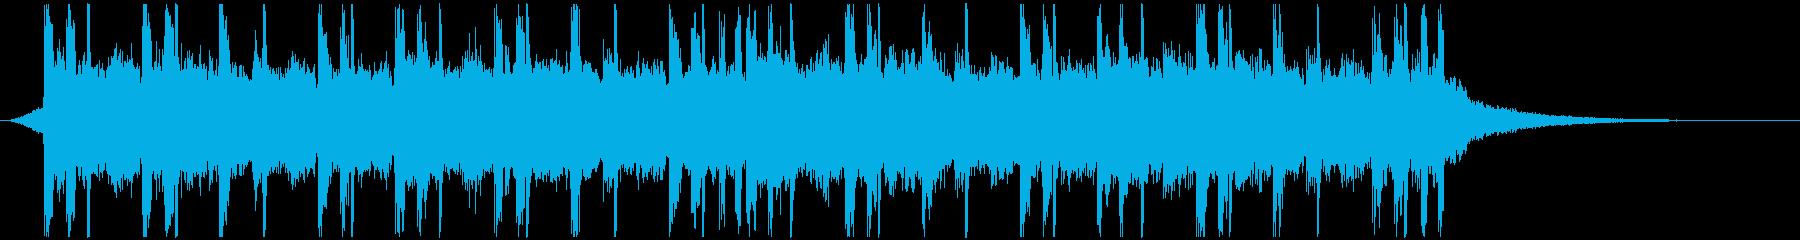 CM30秒/おしゃれ/チル/ヒップホップの再生済みの波形